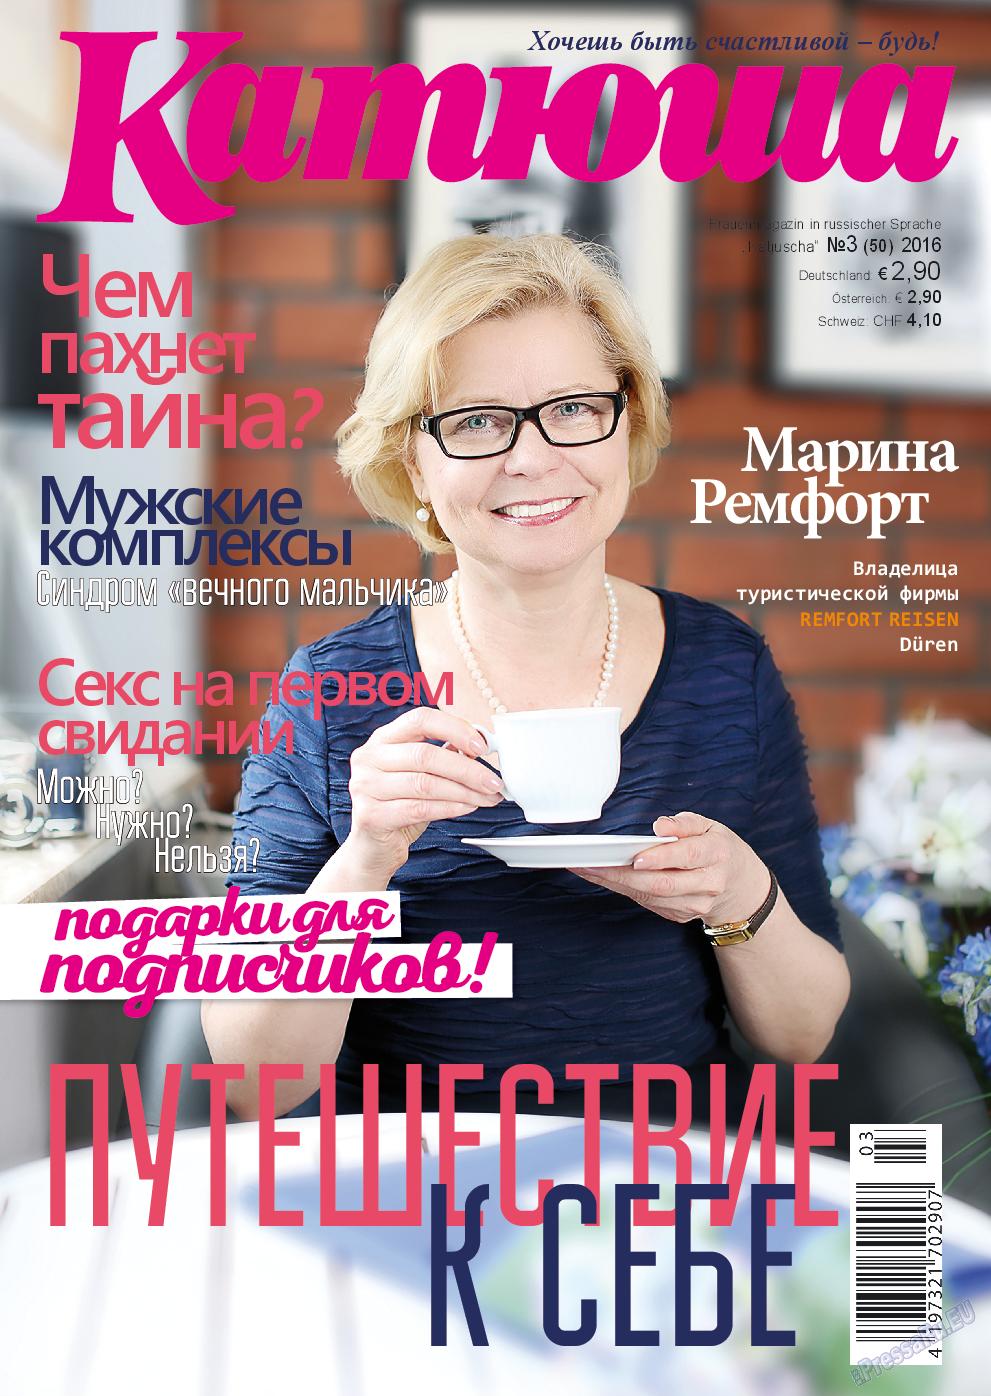 Катюша (журнал). 2016 год, номер 50, стр. 1